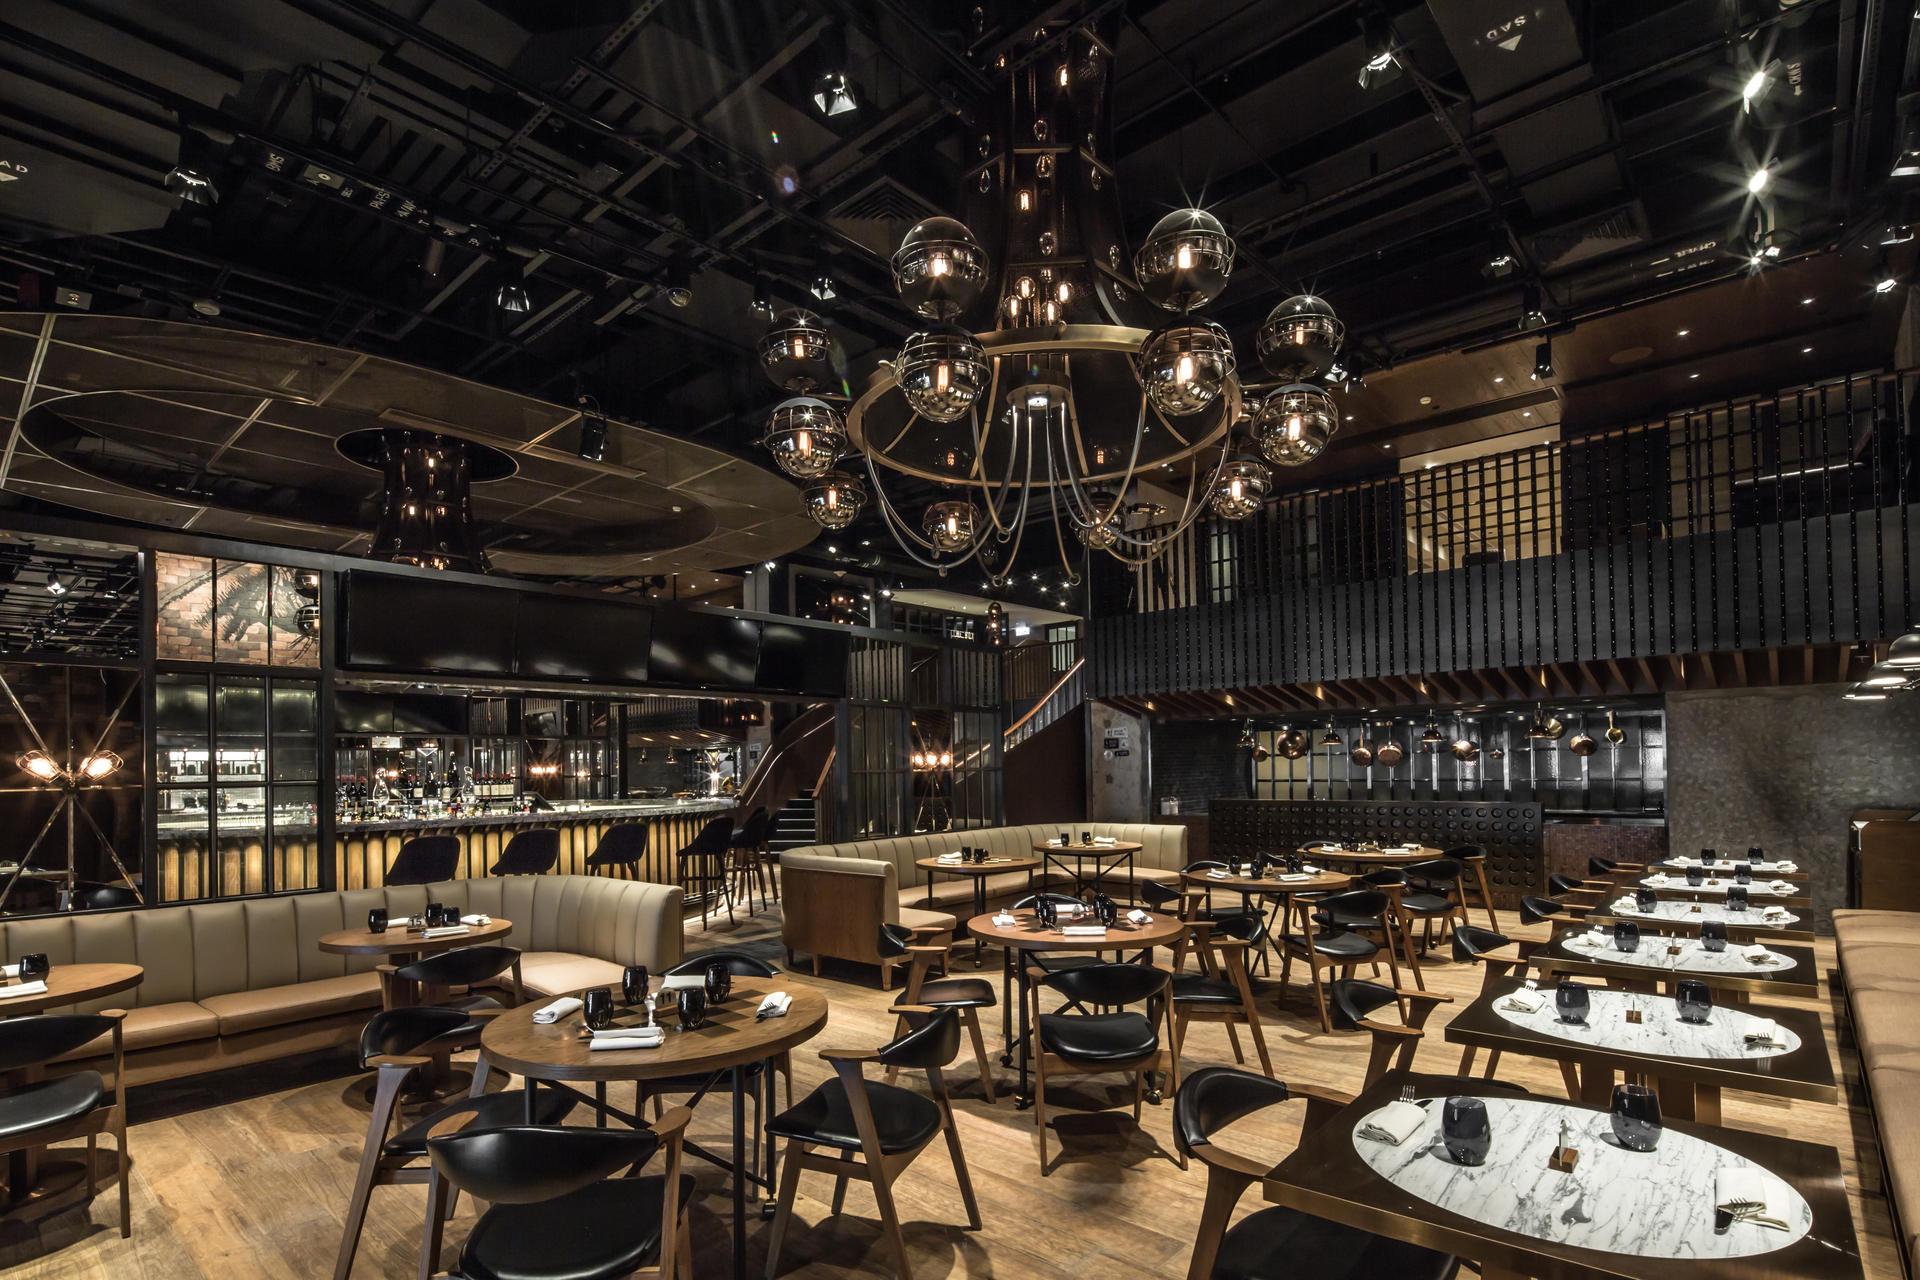 Hong Kong Restaurant Named The Best Interior Of 2014